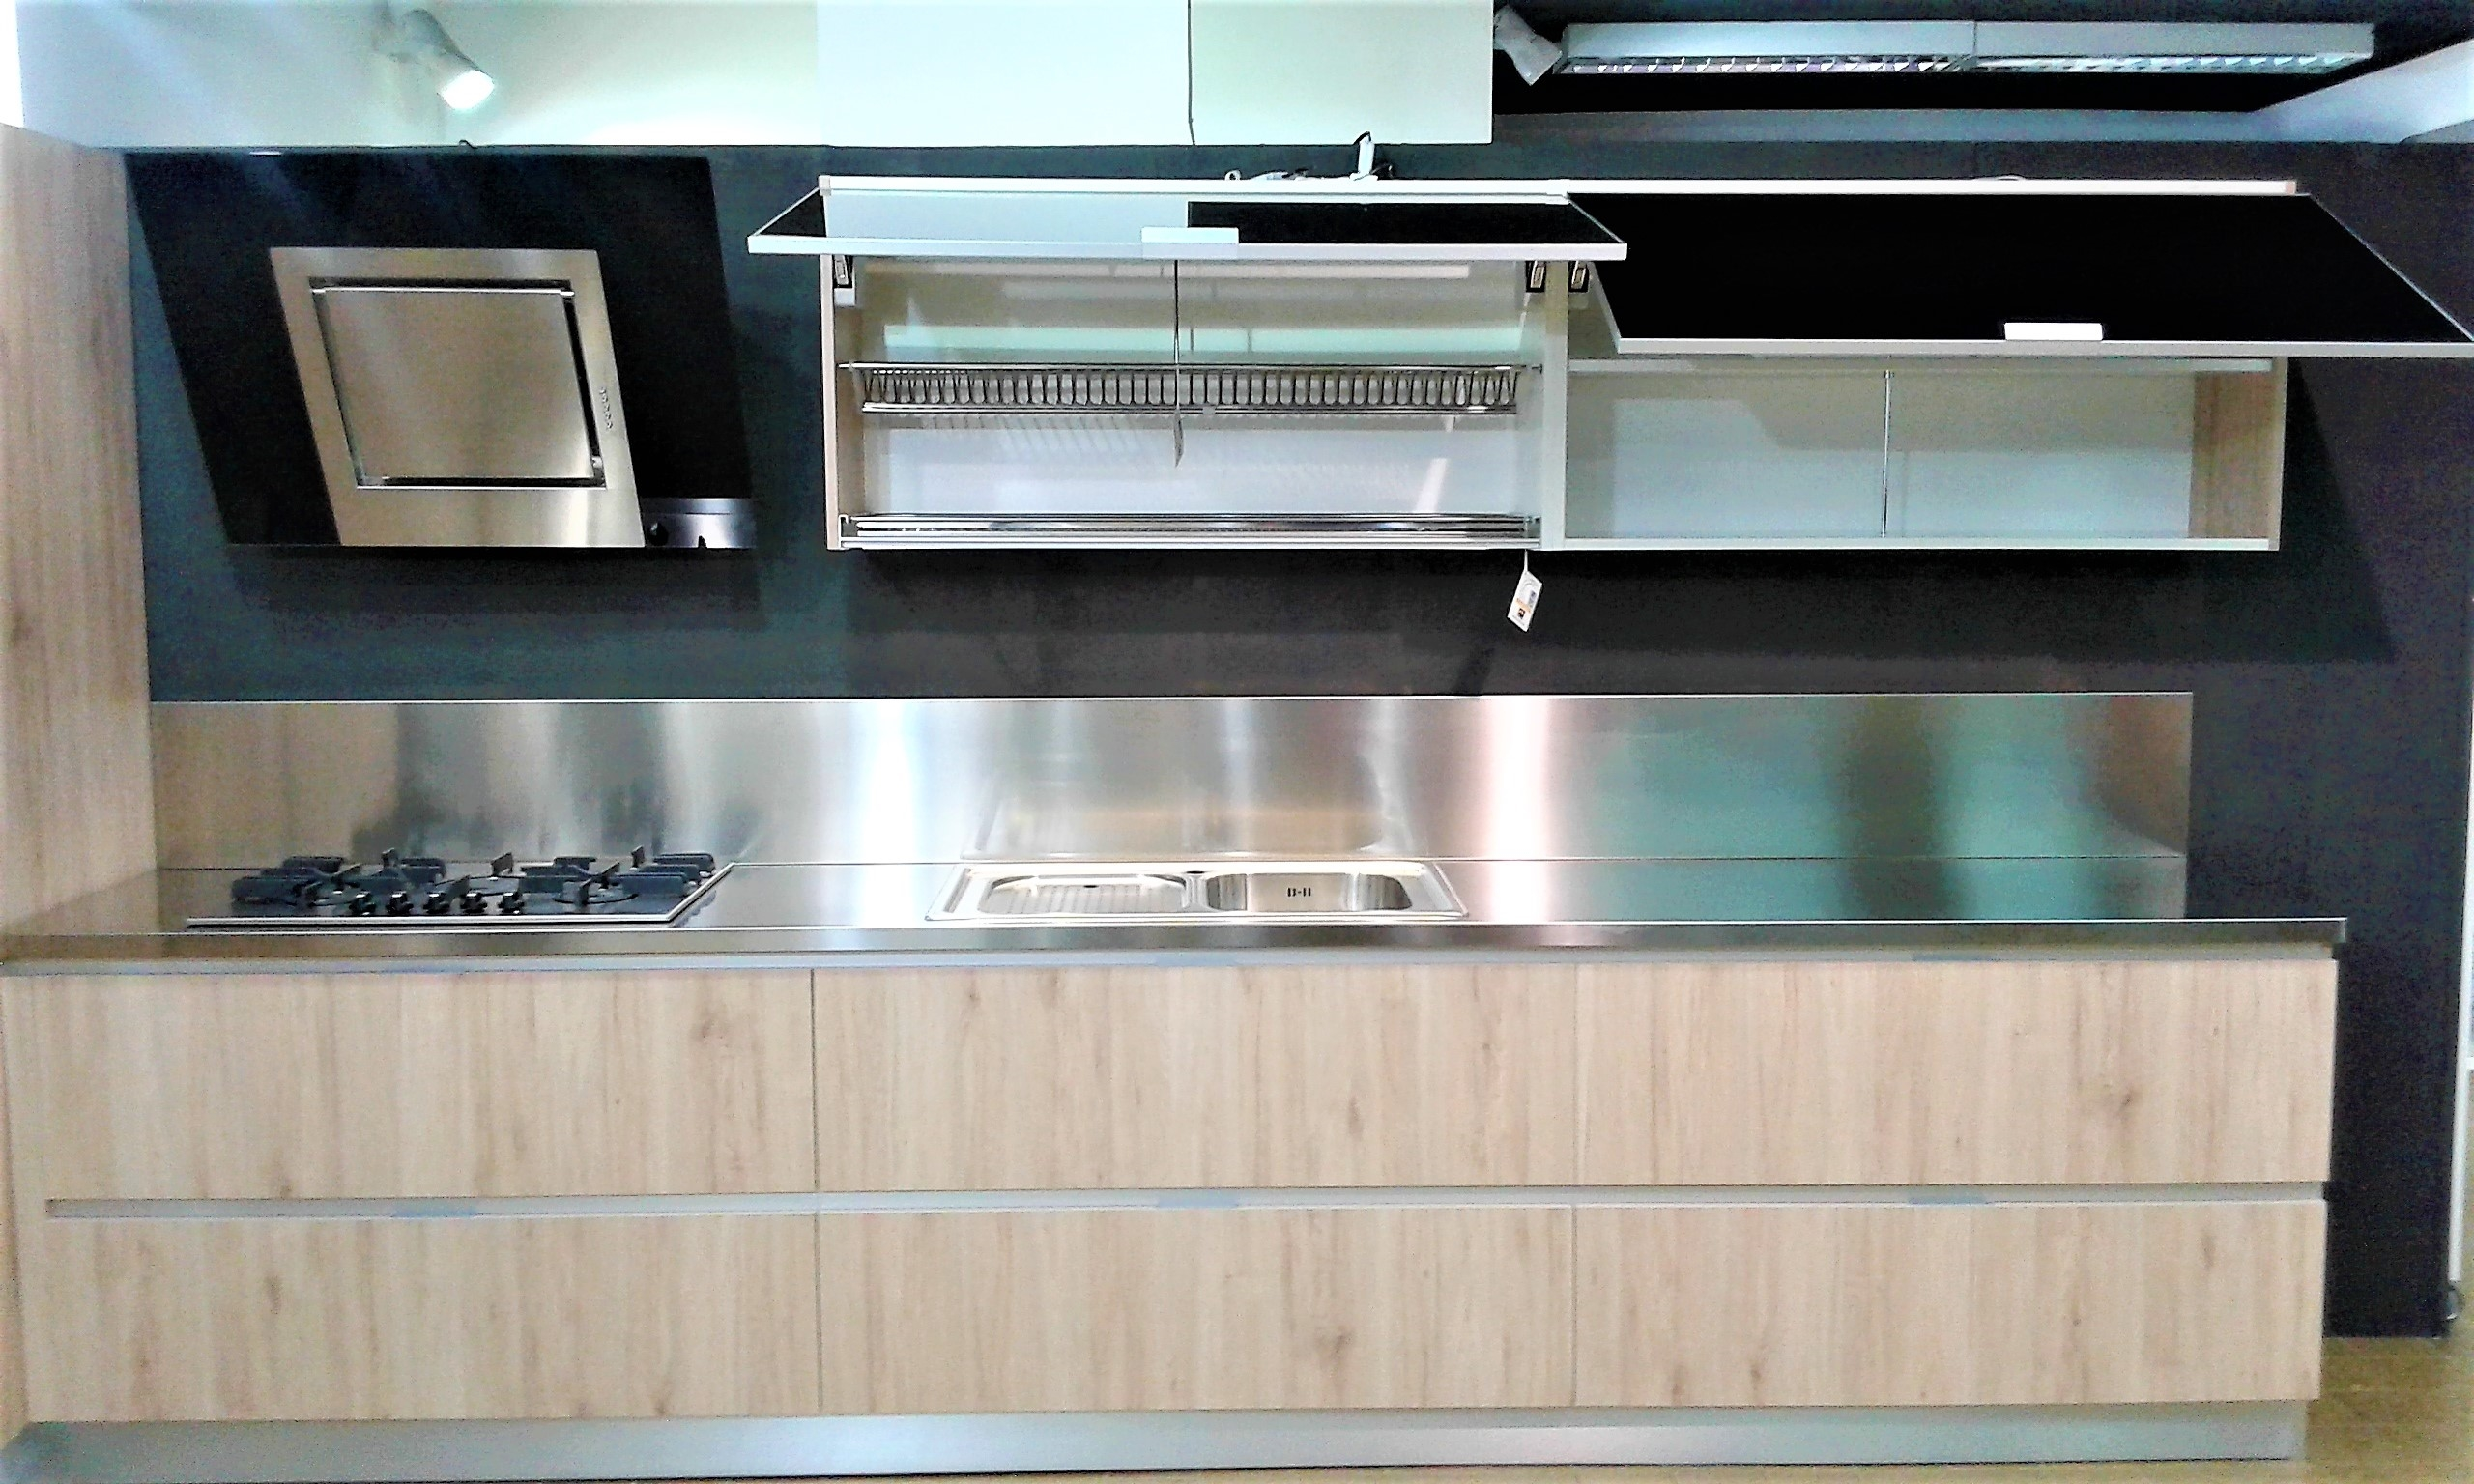 Home cucine cucina modello simplicia finitura naturale 530 cucine a prezzi scontati - Pistoni vasistas cucina ...